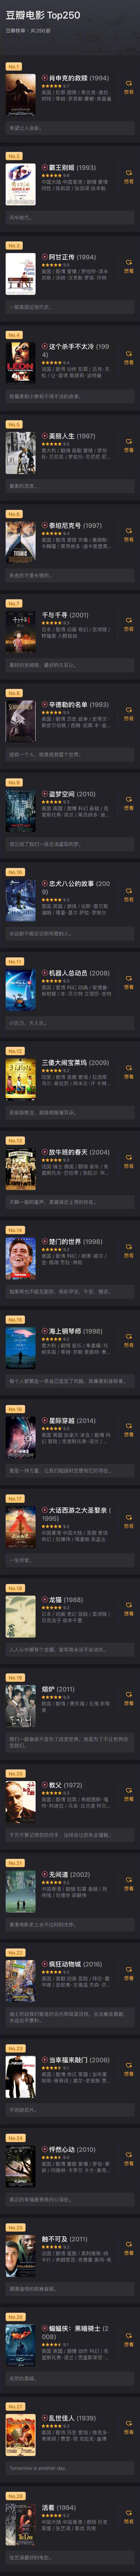 影视资讯豆瓣电影TOP250